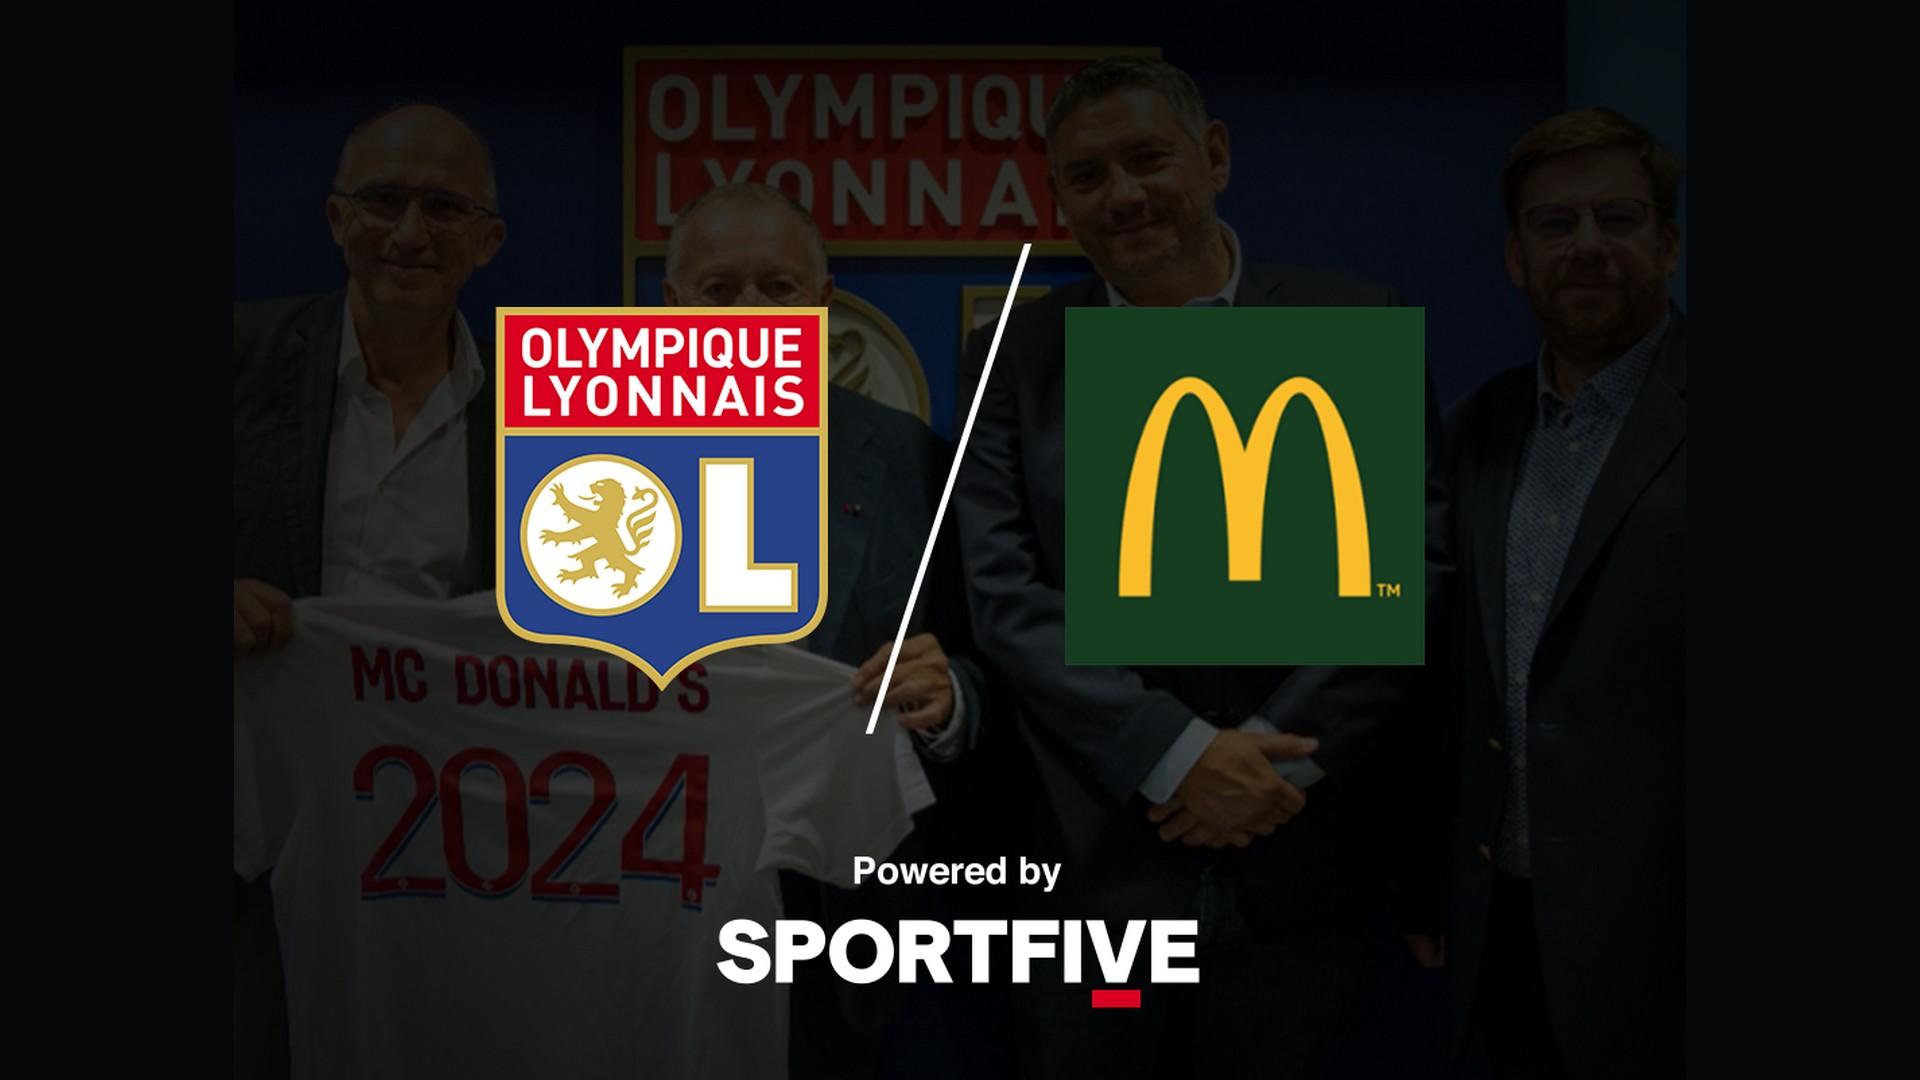 McDonalds x Olympique Lyonnais (football) 2021